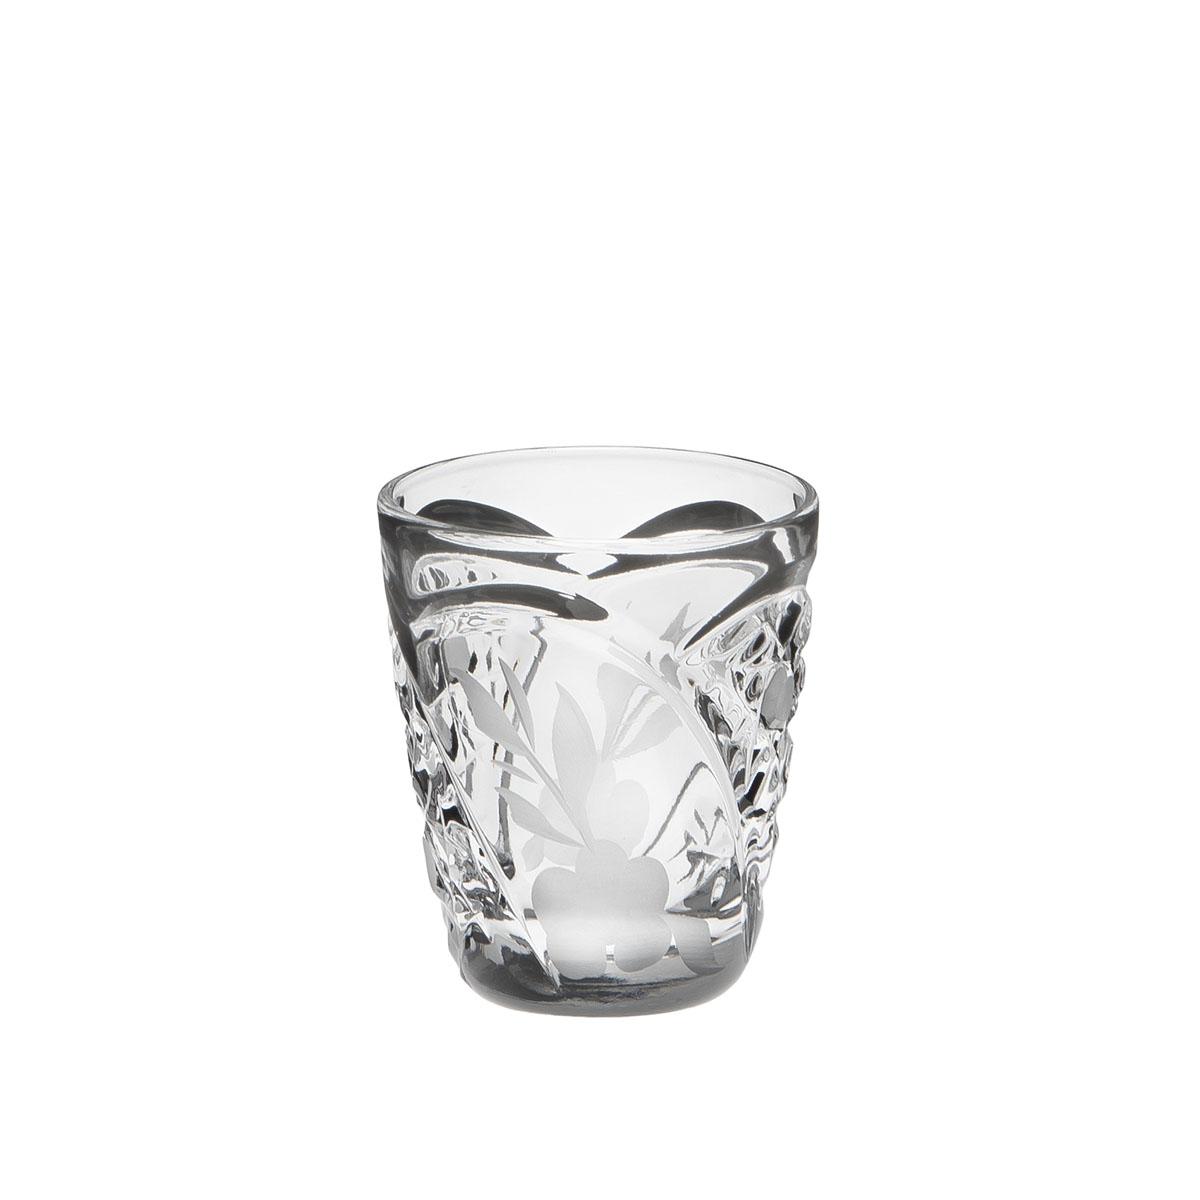 Стакан Дятьковский хрусталь Аперитив. Грация, 30 мл. С339/6С339/6Хрустальные стаканы – красивое и простое решение для украшения праздничного стола. Стаканы из хрусталя универсальны, они подойдут и для алкогольных напитков – вина, шампанского, и для освежающих – минеральной воды, компота или сока. Если в вашей домашней коллекции еще нет предметов хрустальной посуды, купить хрустальные стаканы стоит обязательно.